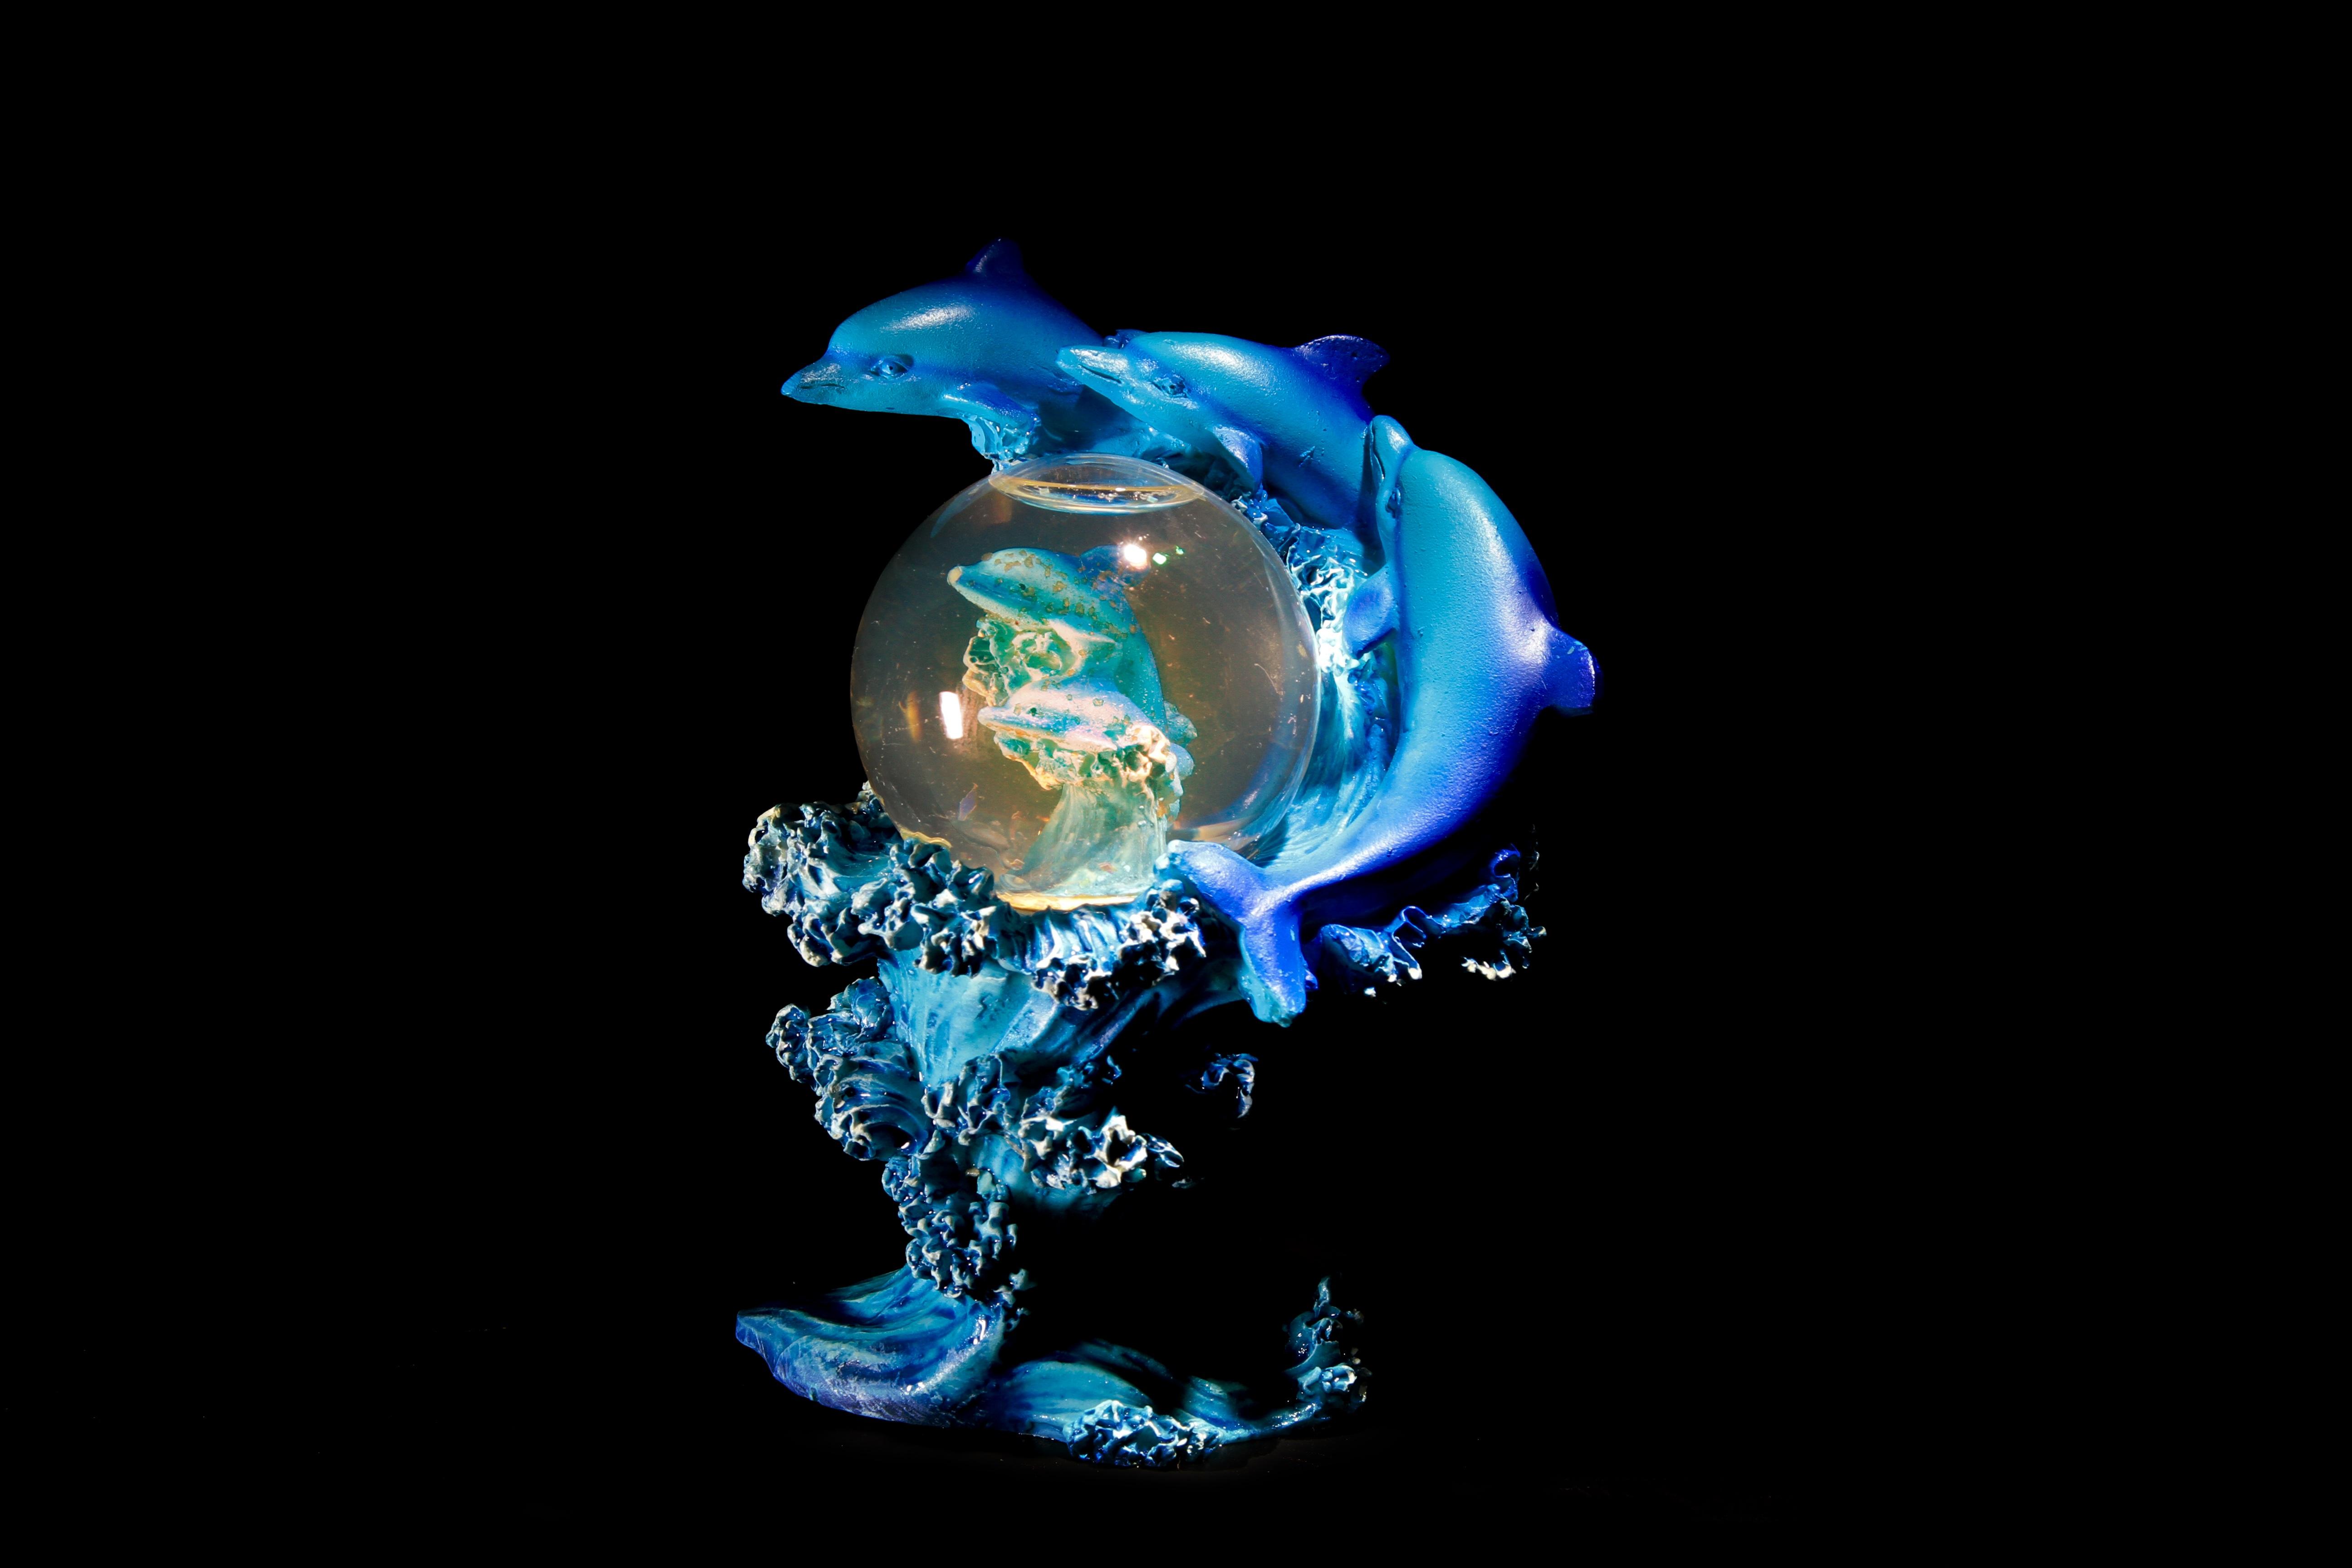 Kostenlose foto : Computer, Struktur, springen, blau, Fisch ...